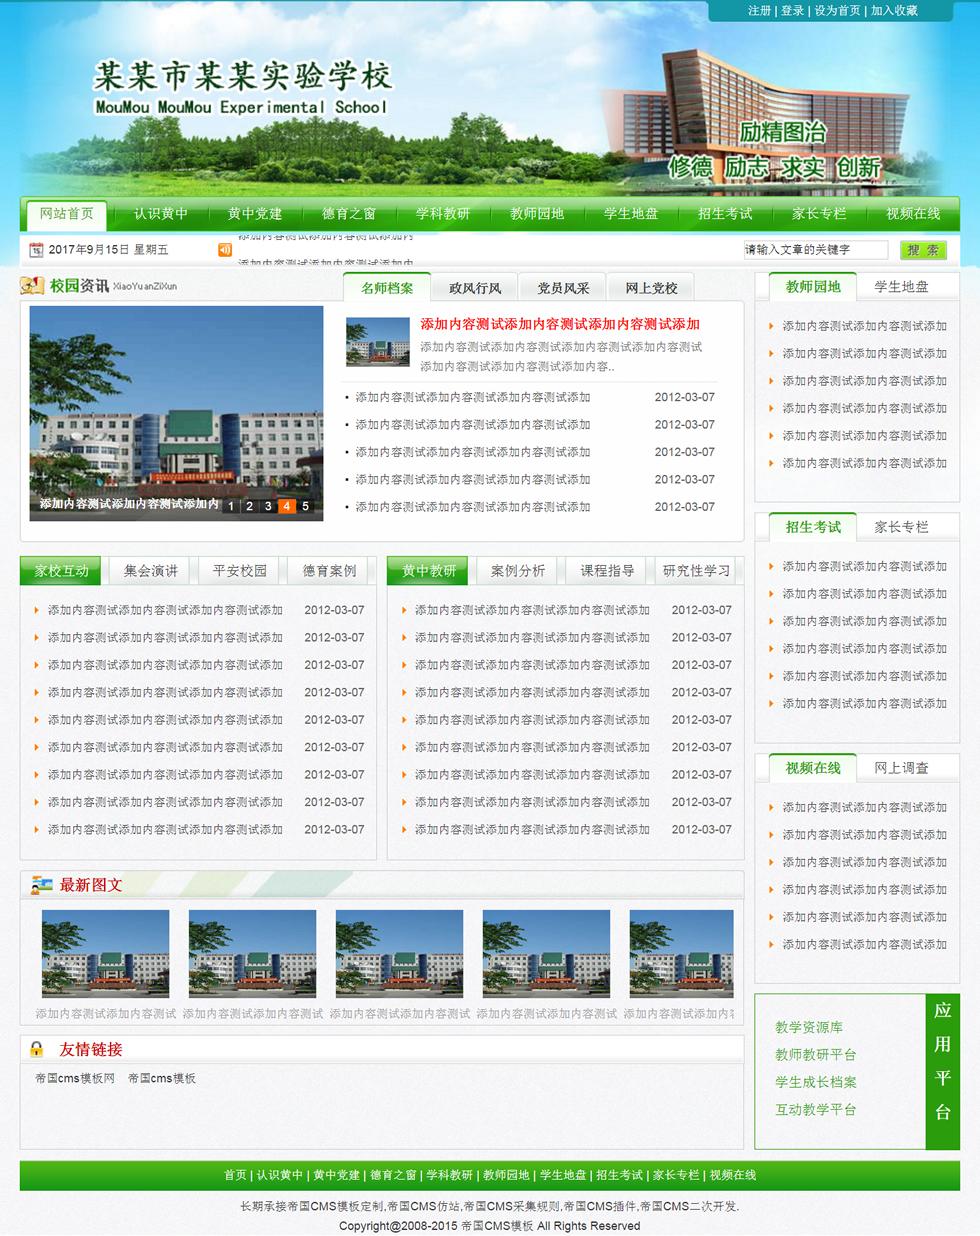 帝国cms绿色风格中小学校网站模板_首页